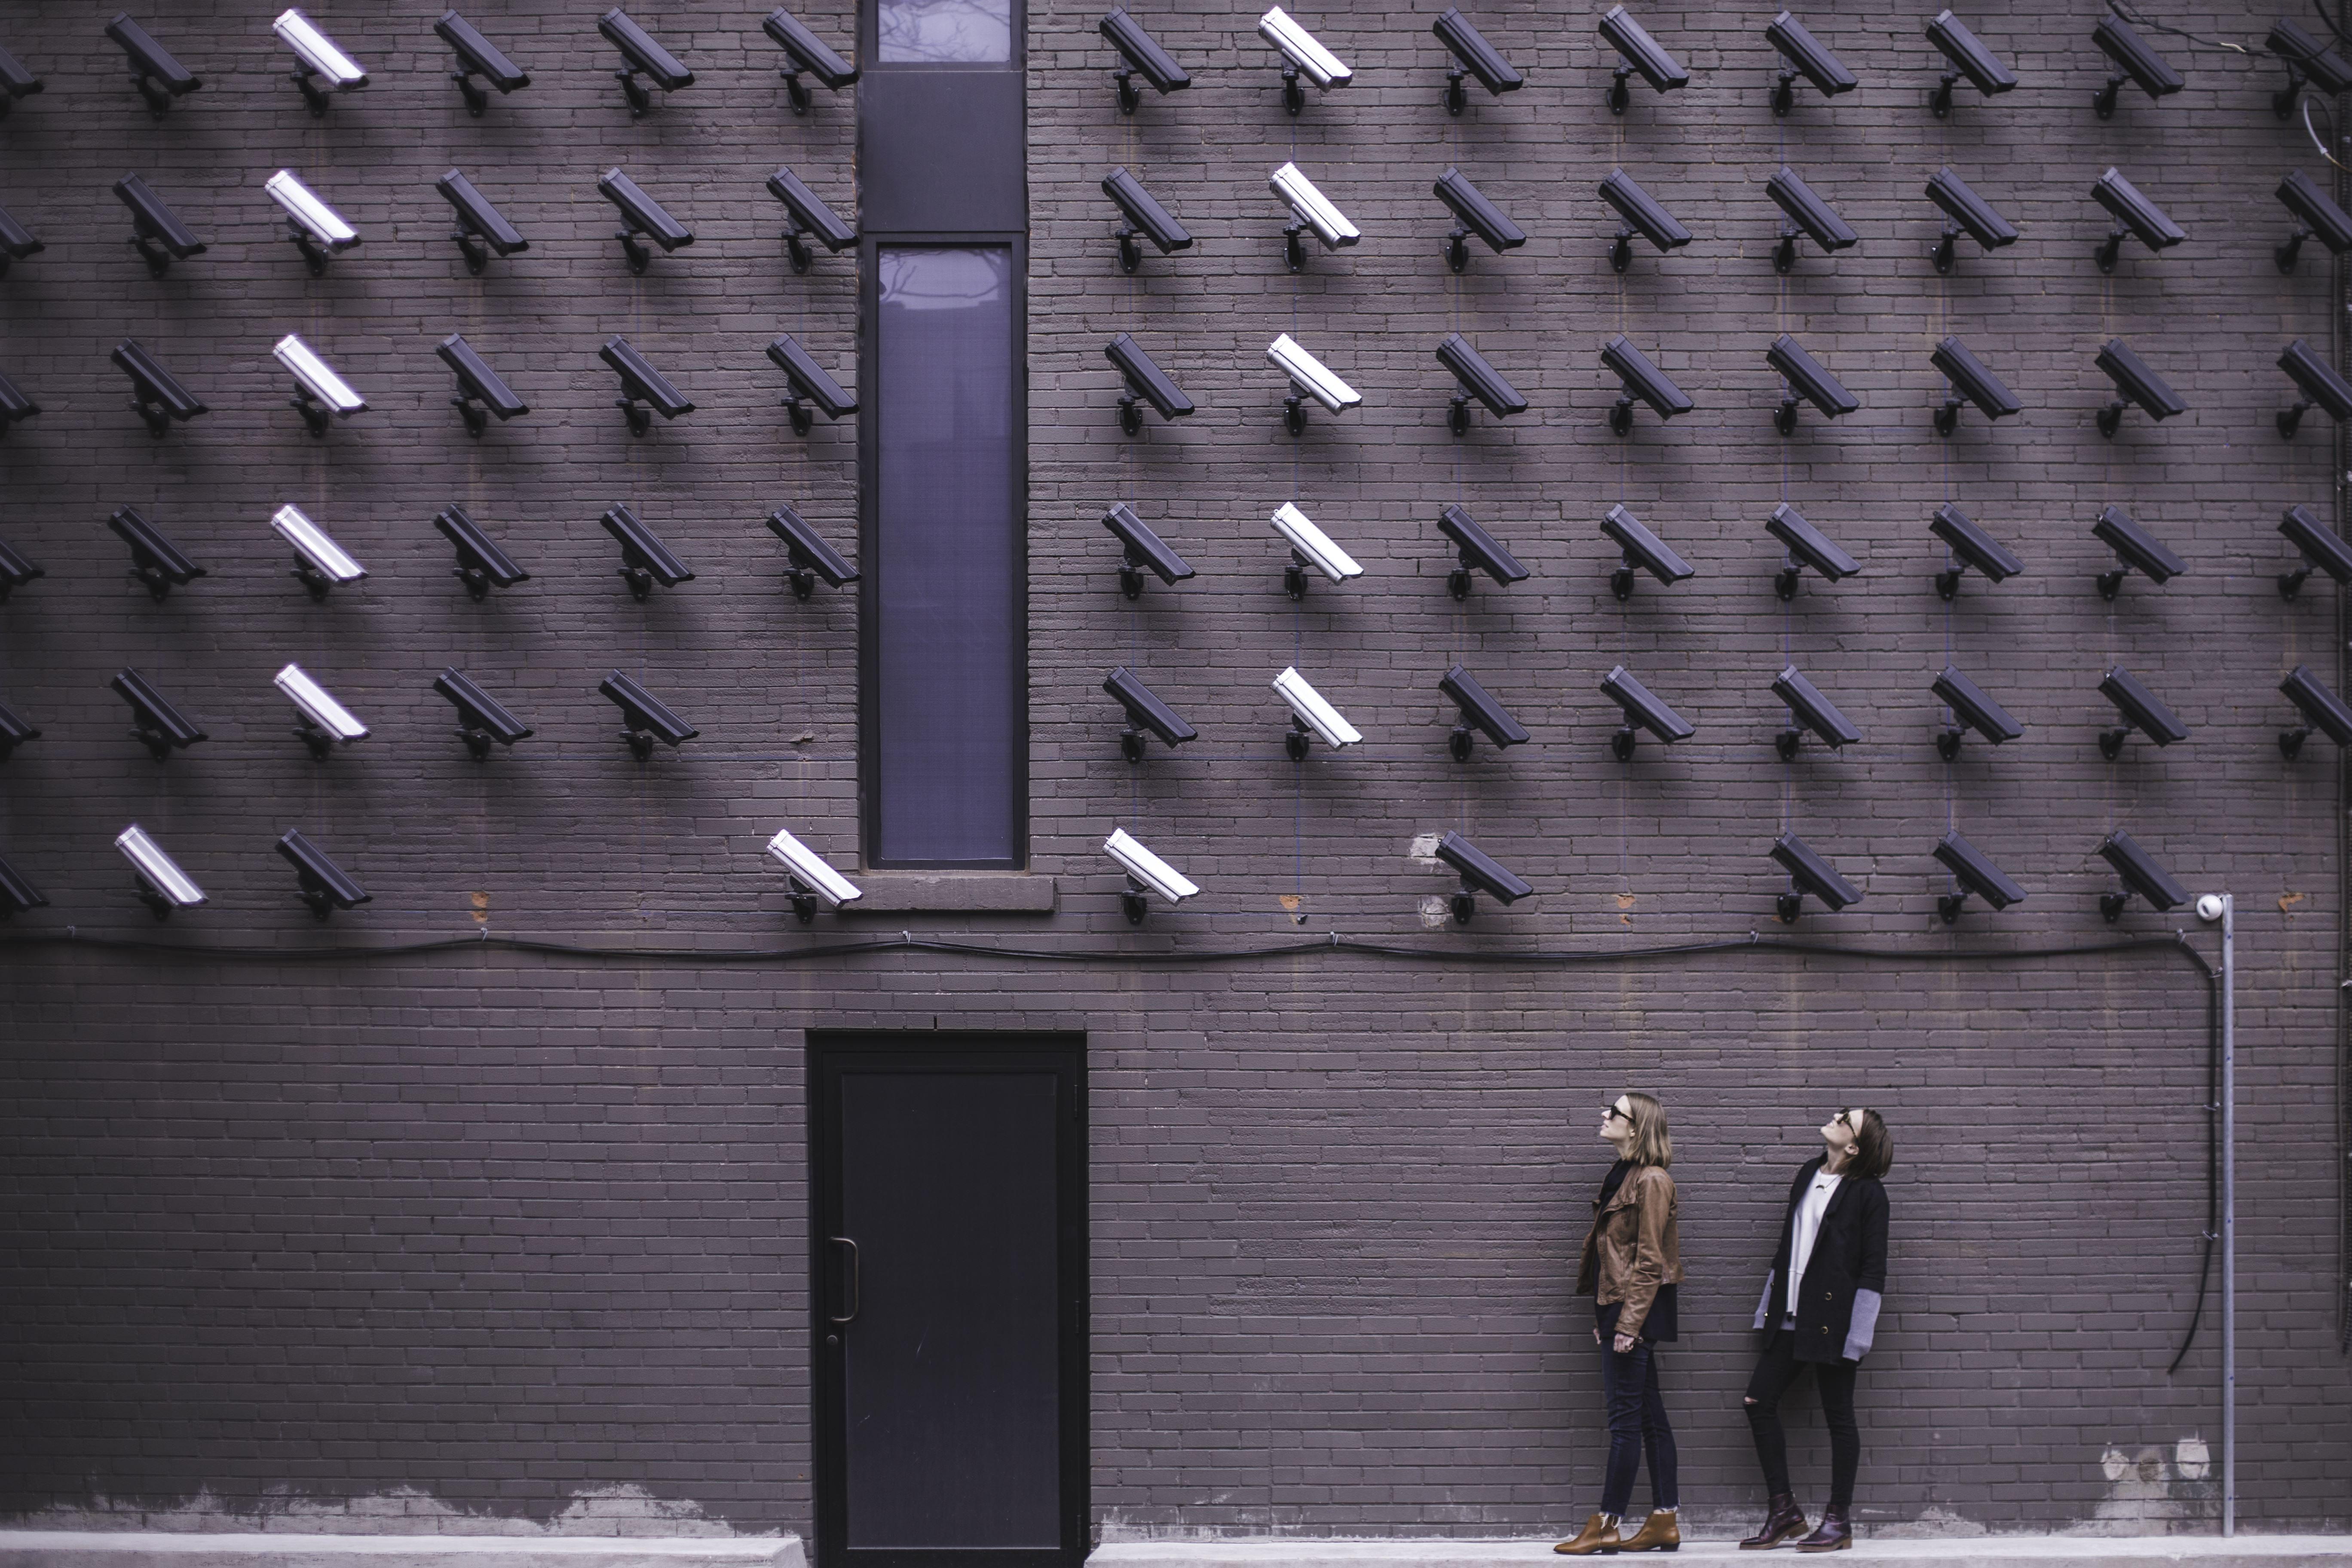 Security Camera Wall Women Brick Building Door